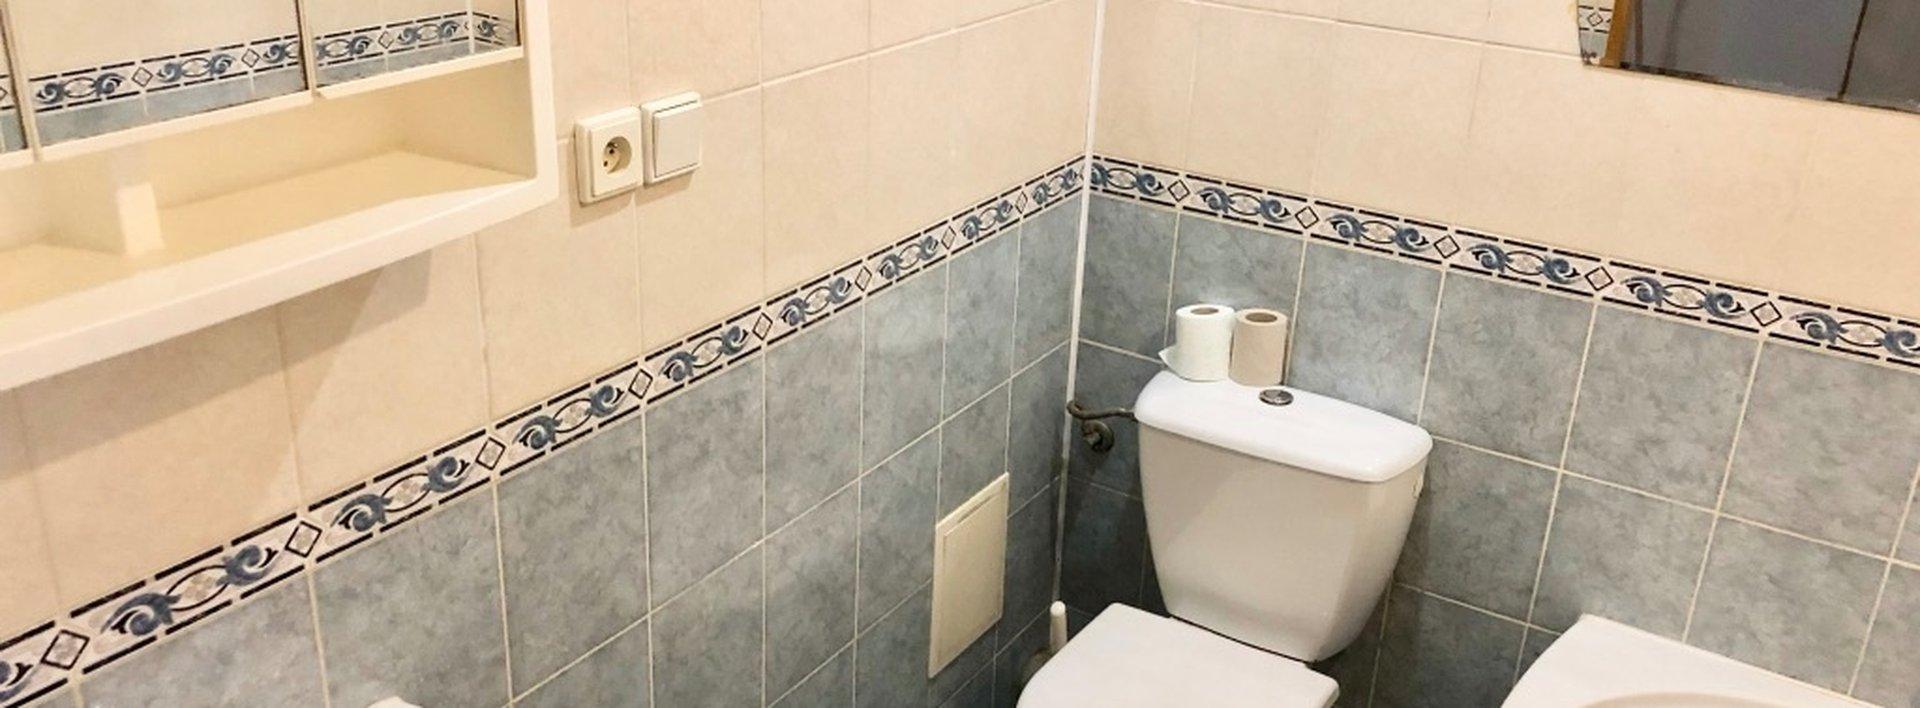 Pronájem půdního bytu 2+1, 44 m² - Liberec, Nové Město, Rámový Vršek, Ev.č.: N48843